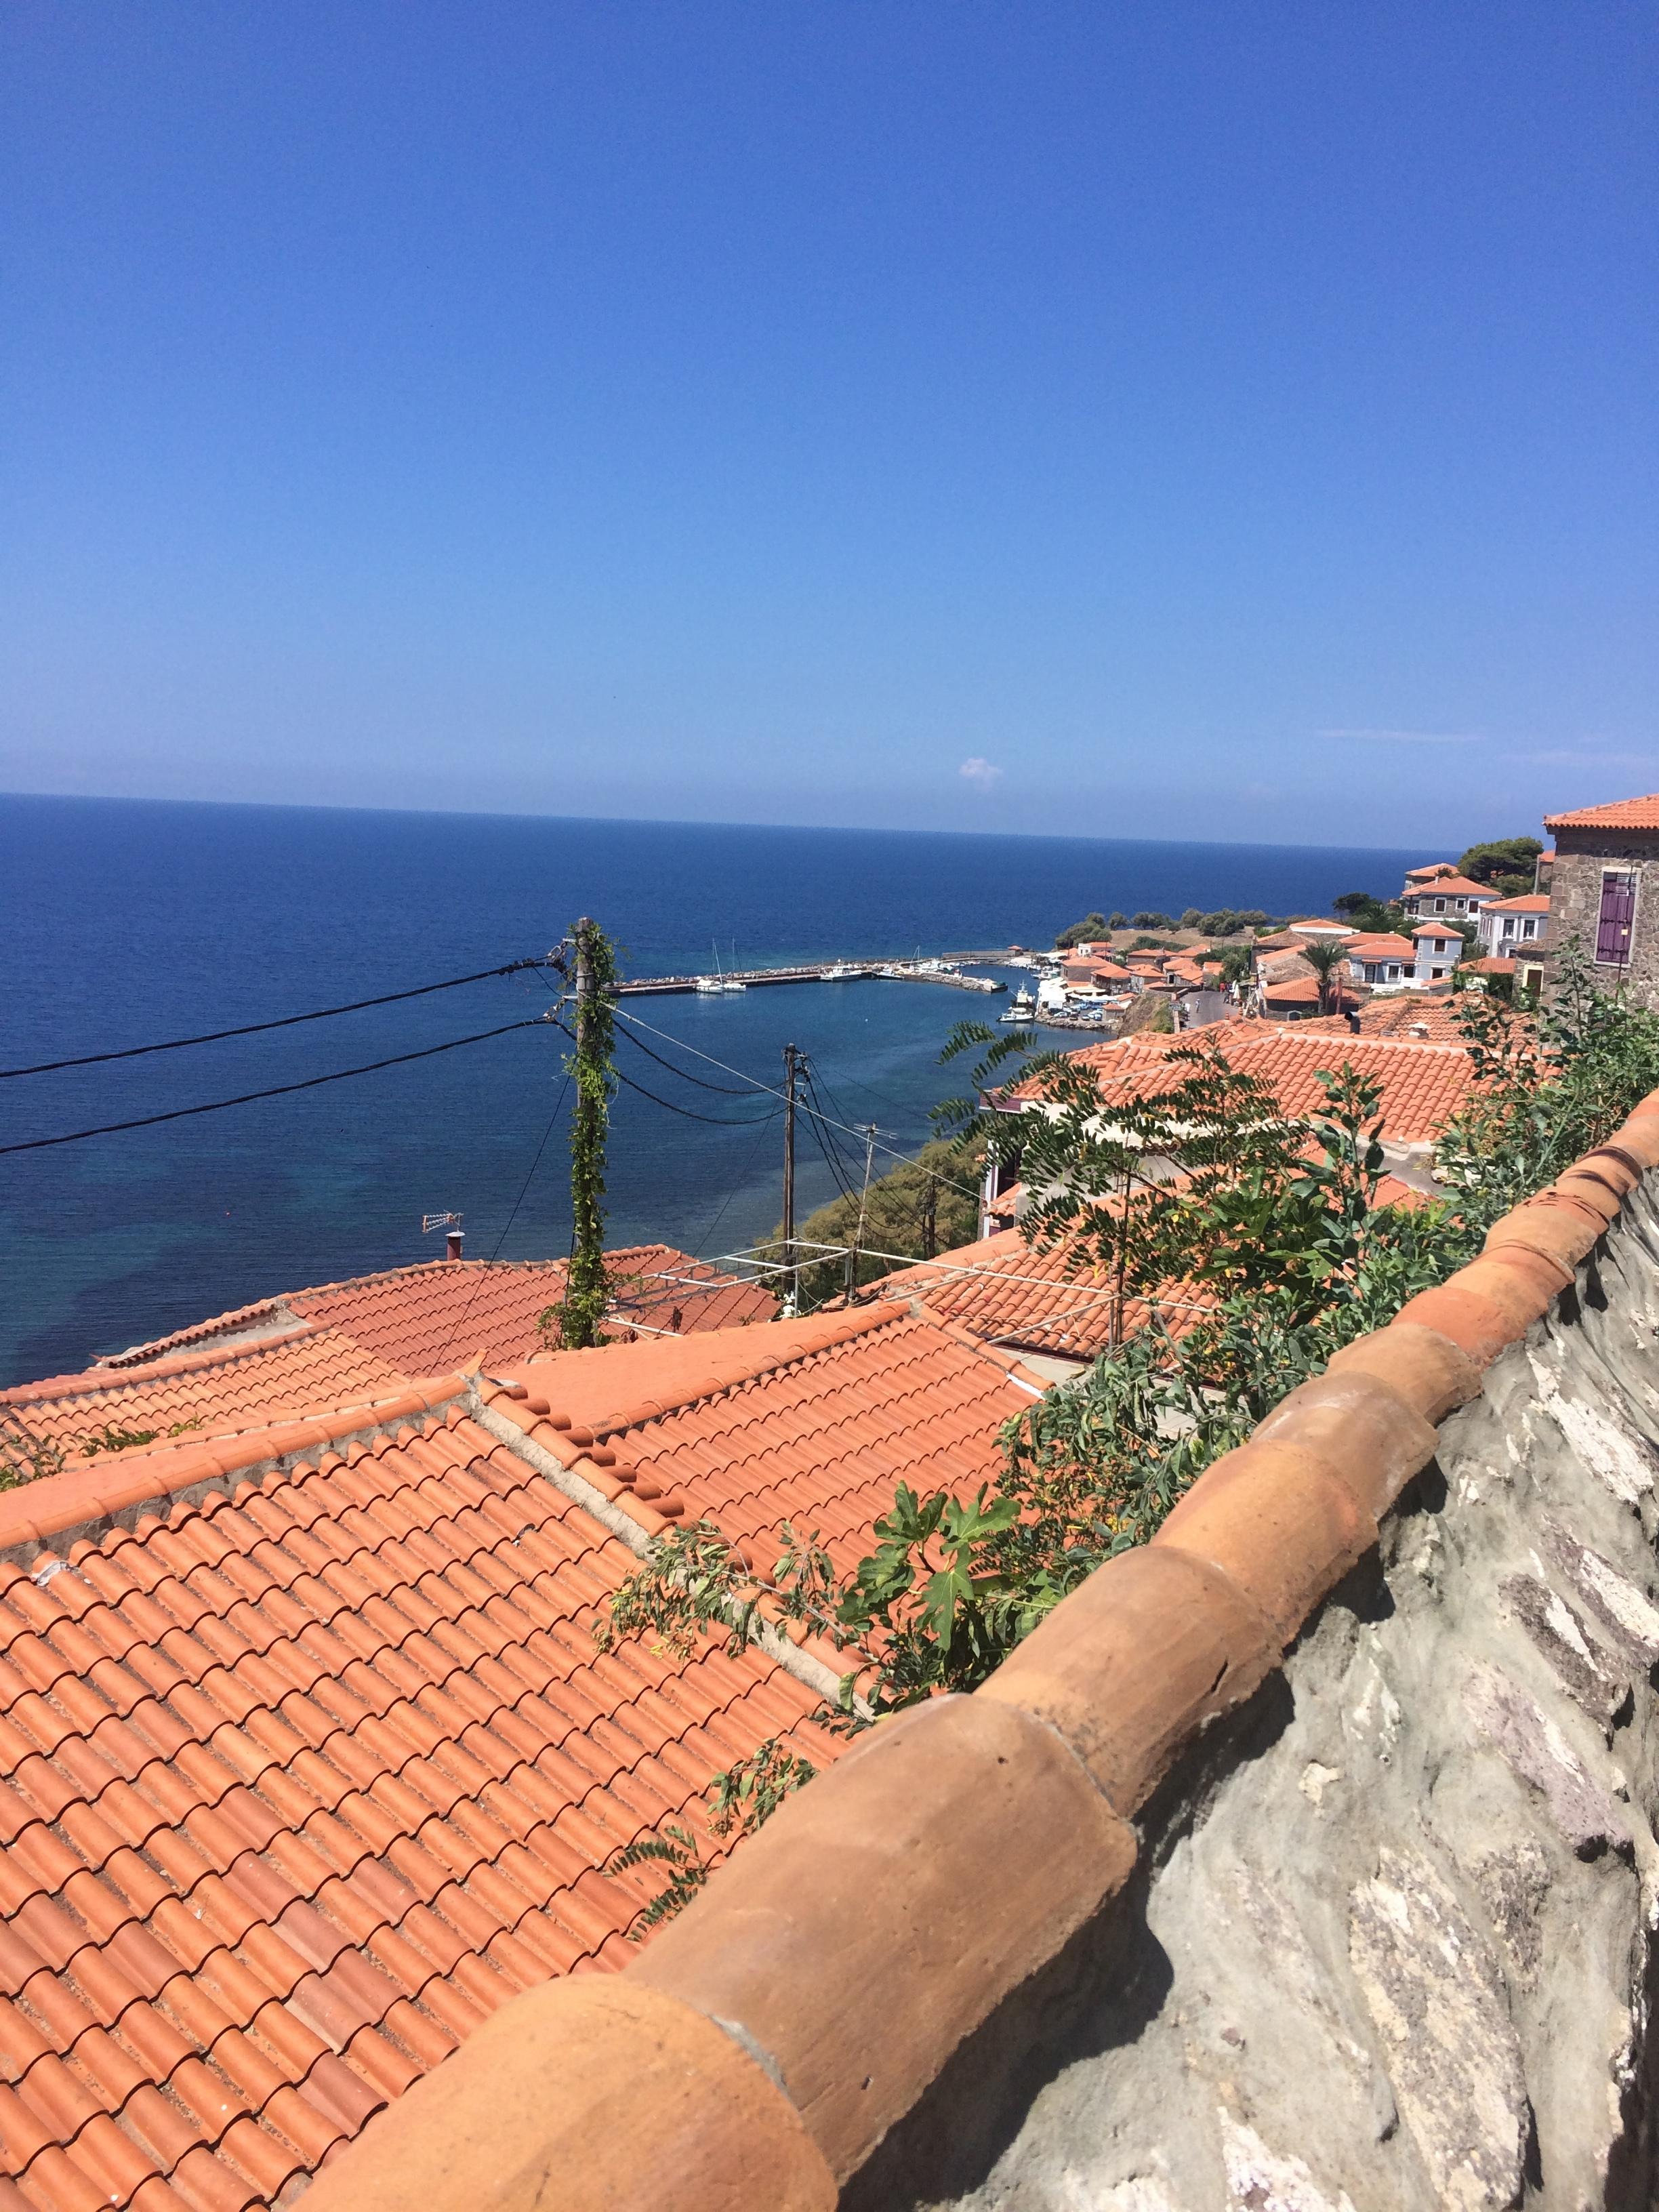 Besucht Lesbos in euren Ferien! Es ist wunderschön.